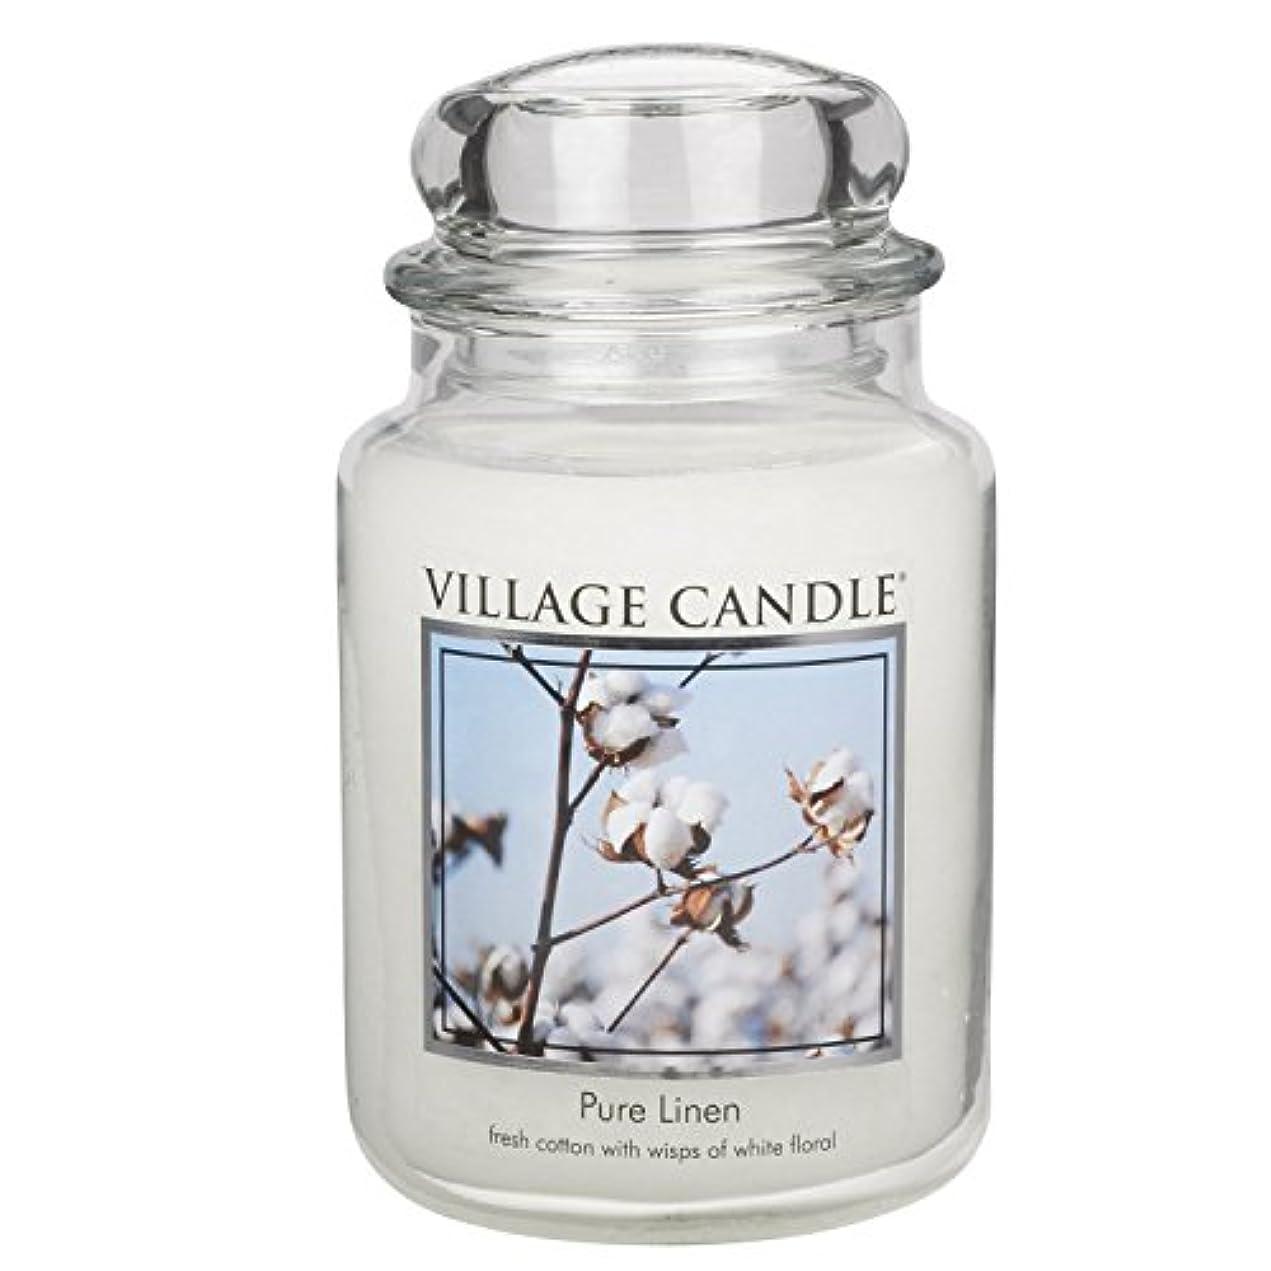 極貧魅了するクリックVillage Candle Large Fragranced Candle Jar - 17cm x 10cm - 26oz (1219g)- Pure Linen - upto 170 hours burn time...